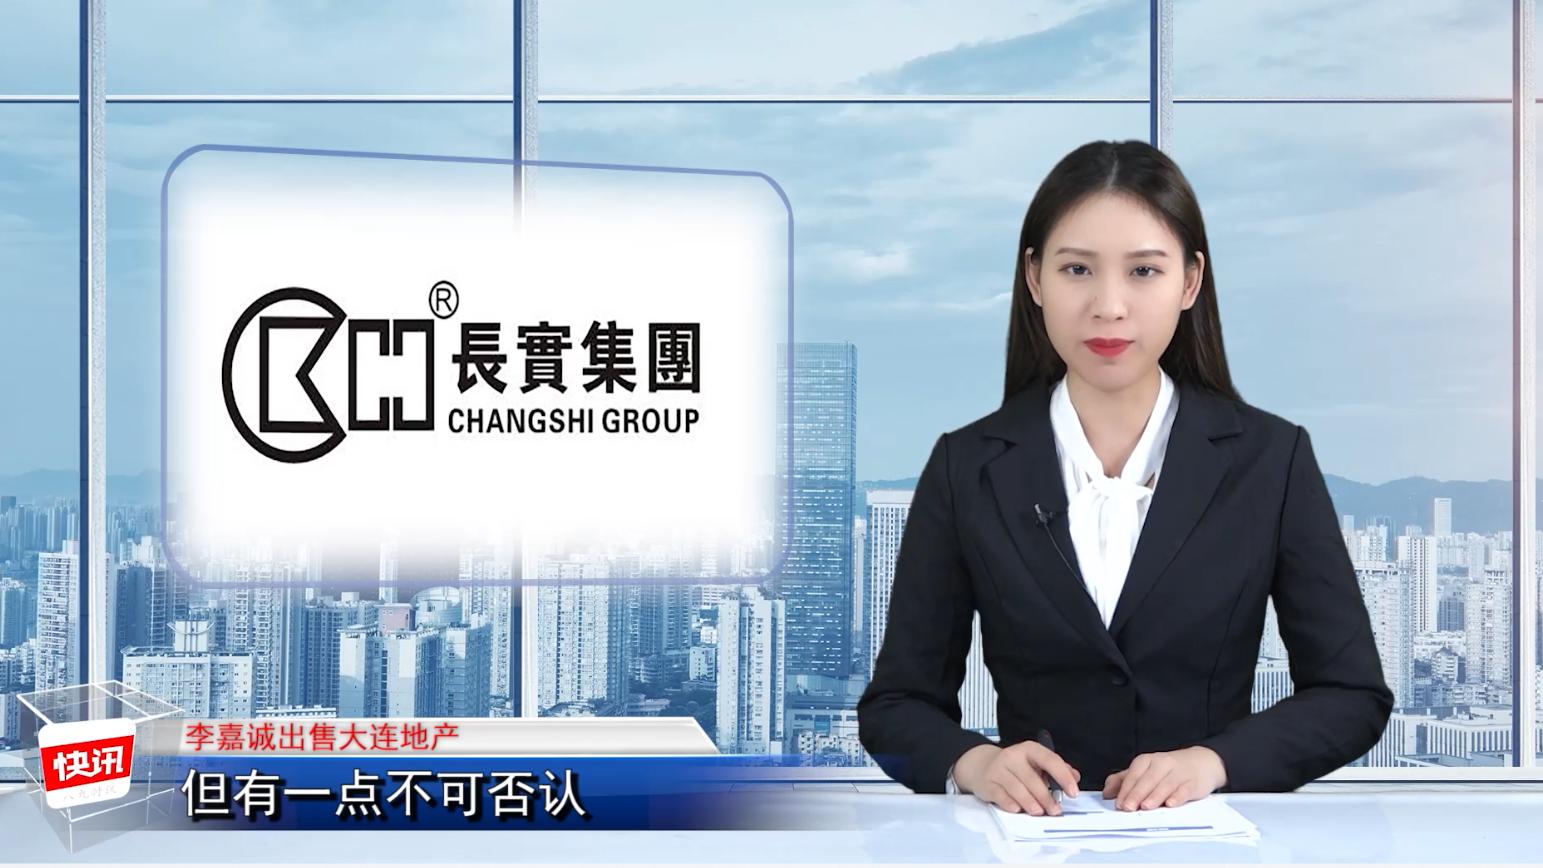 李嘉诚卖出大连地产项目,累计加码海外1800亿港元